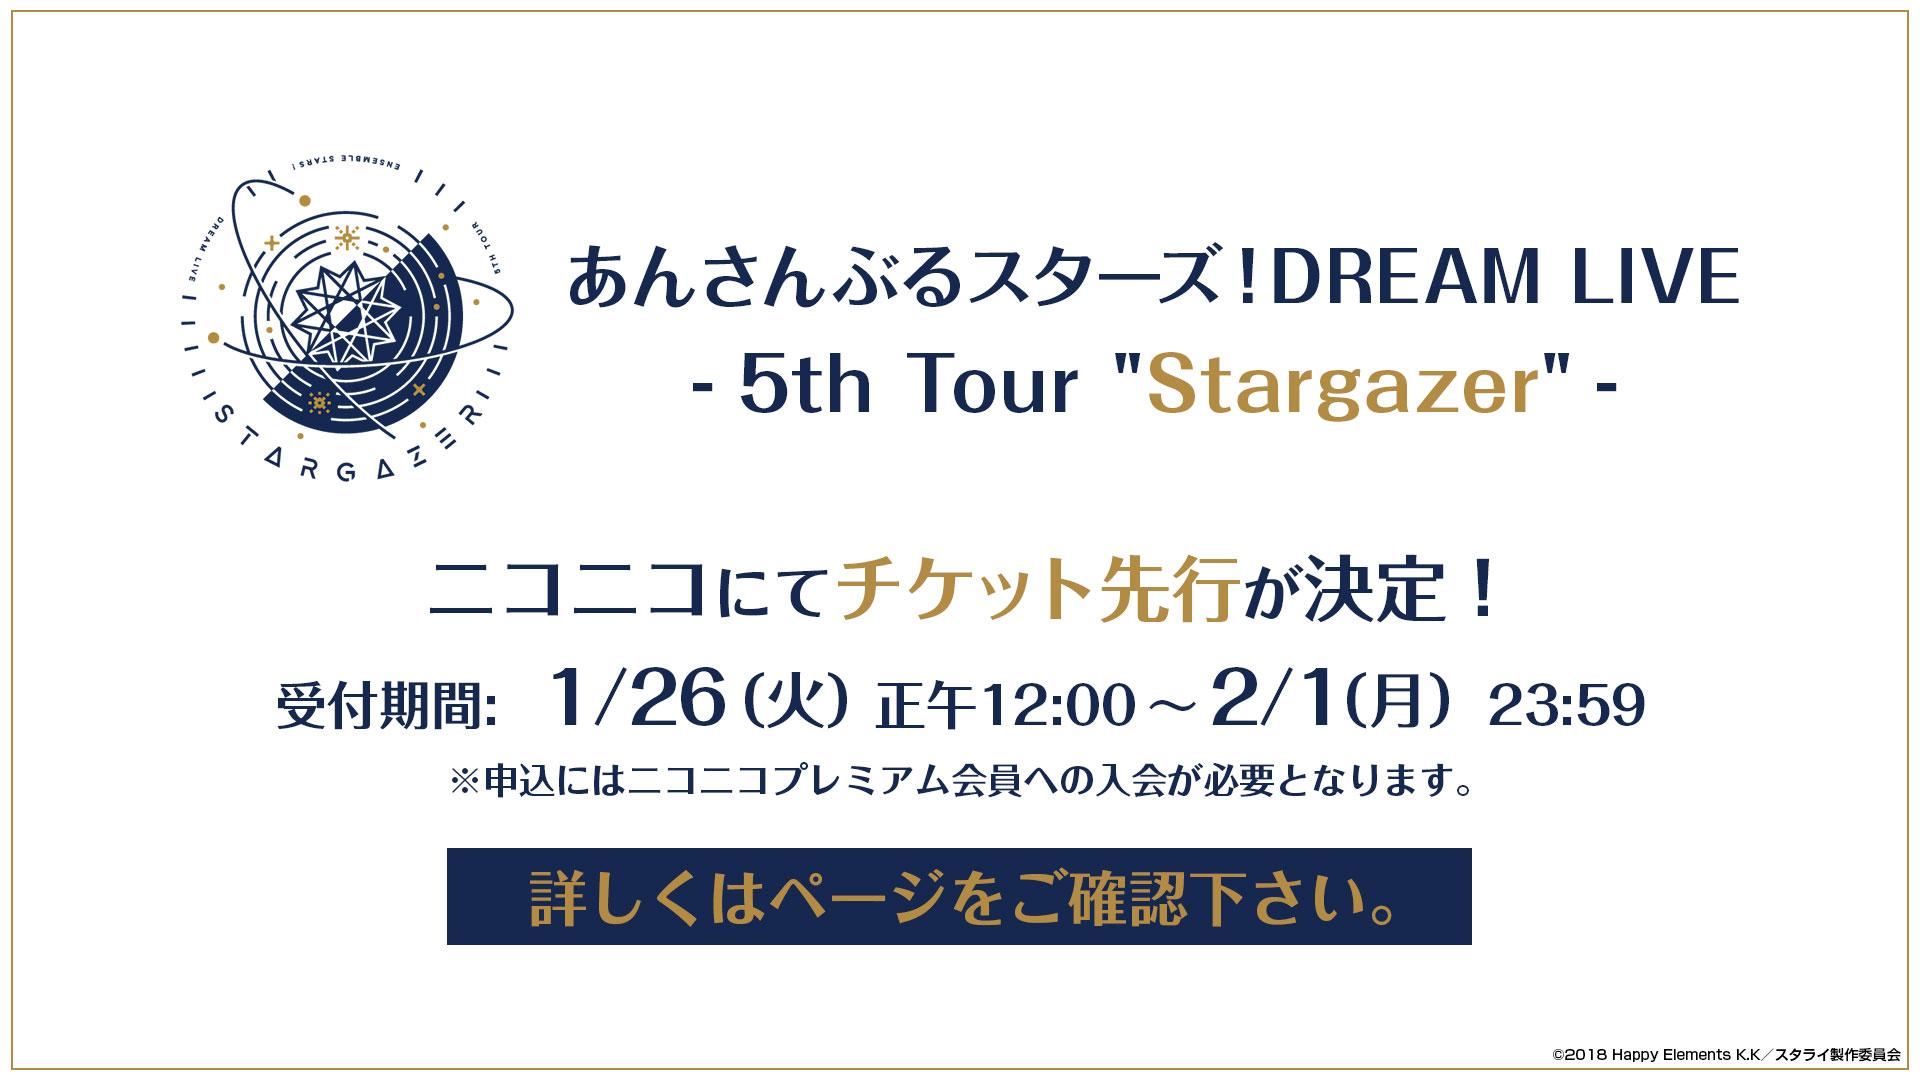 """【ニコニコ/animelo mix】「あんさんぶるスターズ!DREAM LIVE -5th Tour """"Stargazer""""-」チケット先行抽選応募受付&3rd公演のWeb最速ニコ生が決定!"""